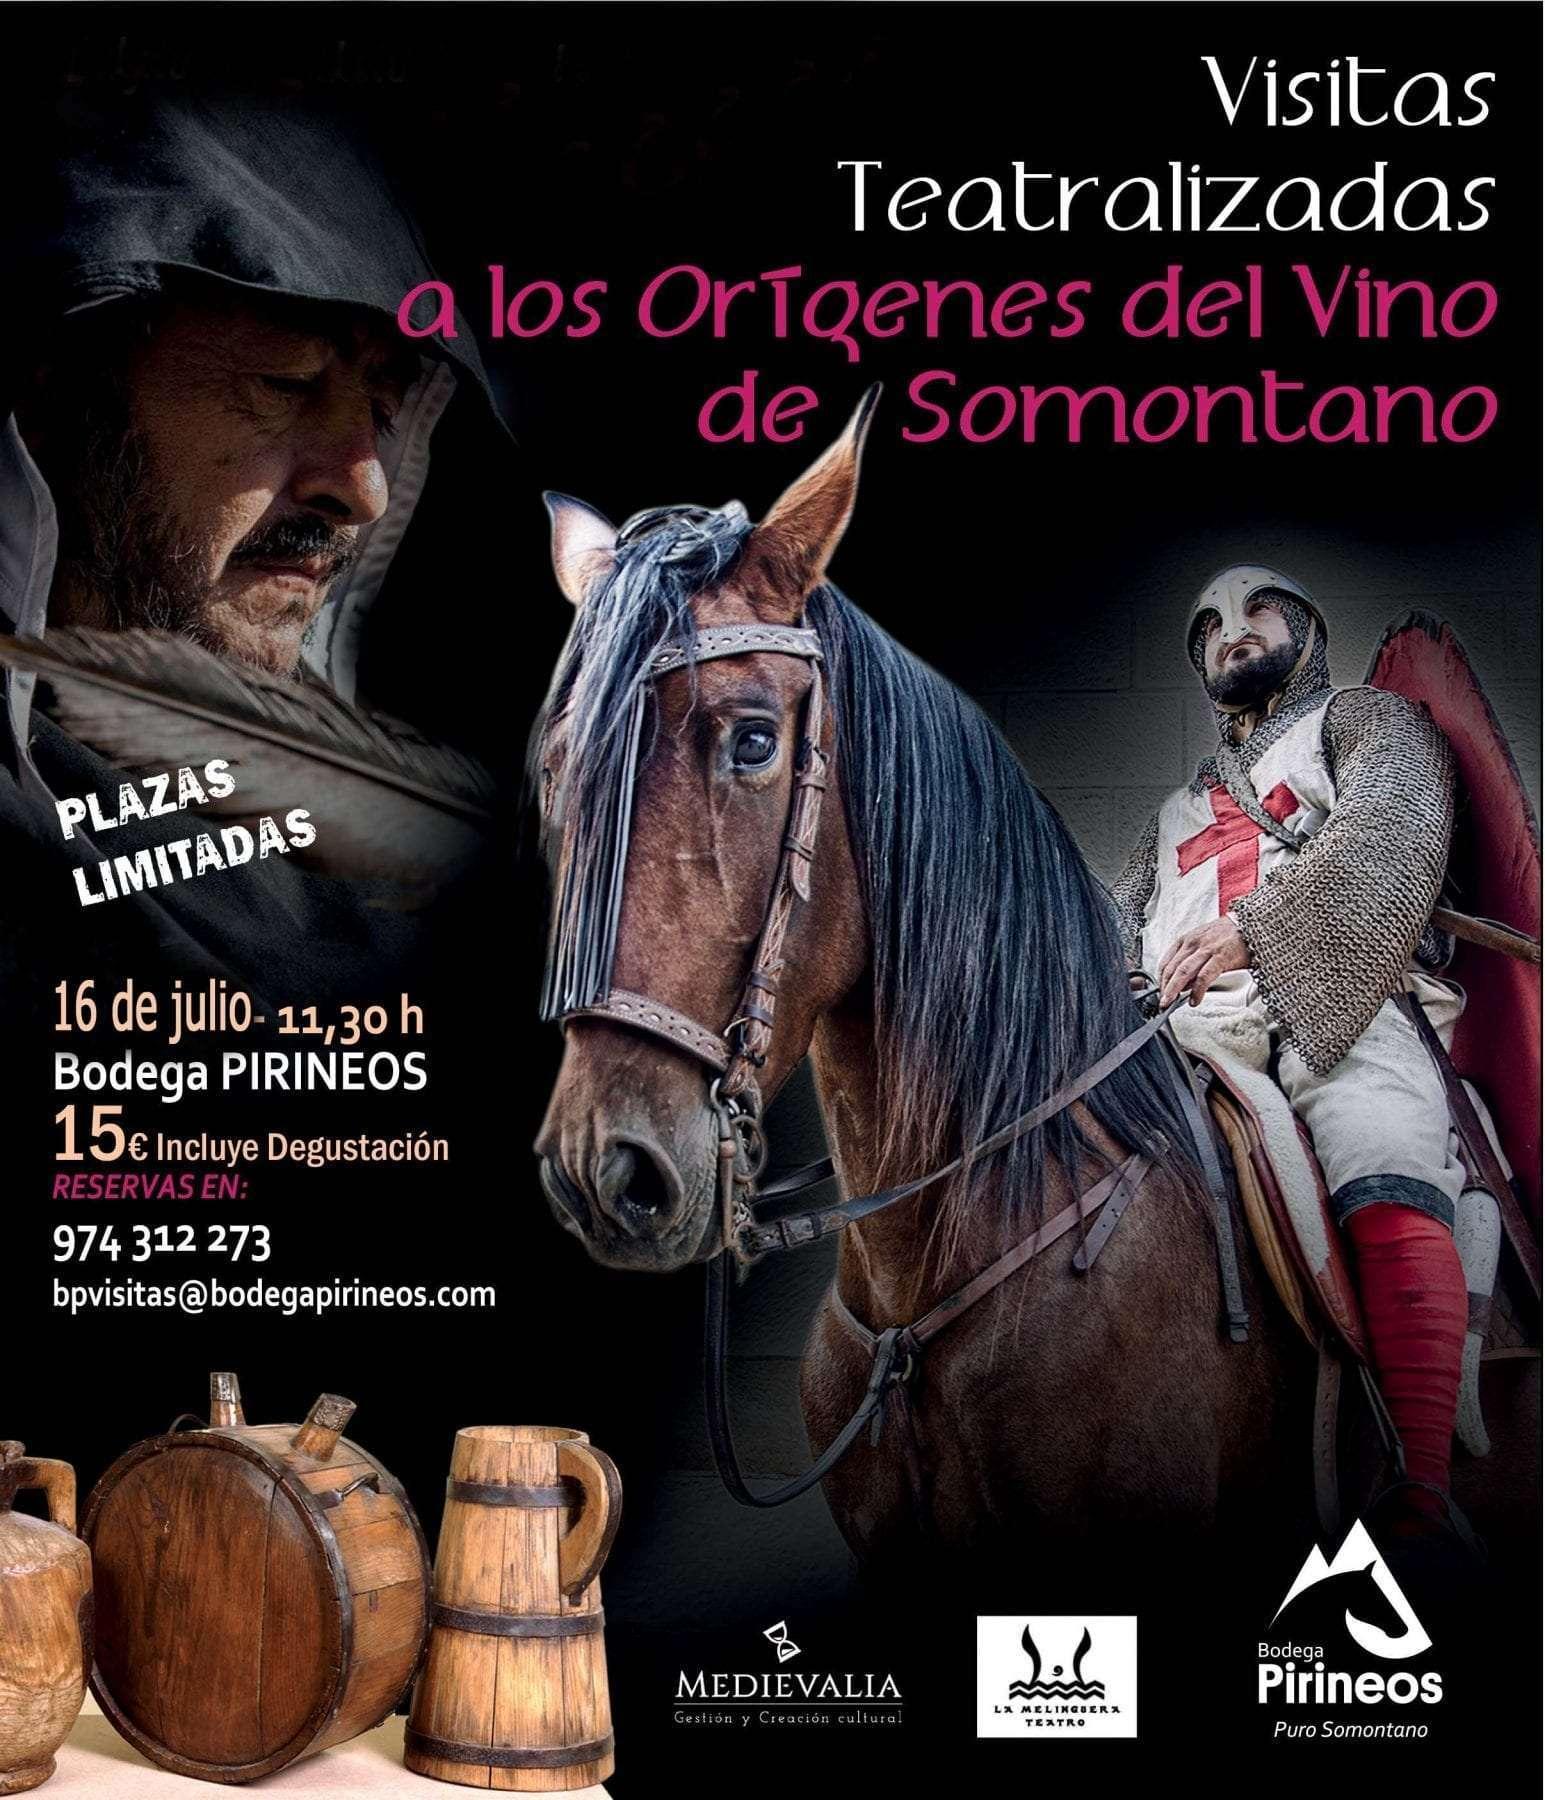 Segunda Visita Teatralizada a los orígenes del vino de Somontano, en Bodega Pirineos